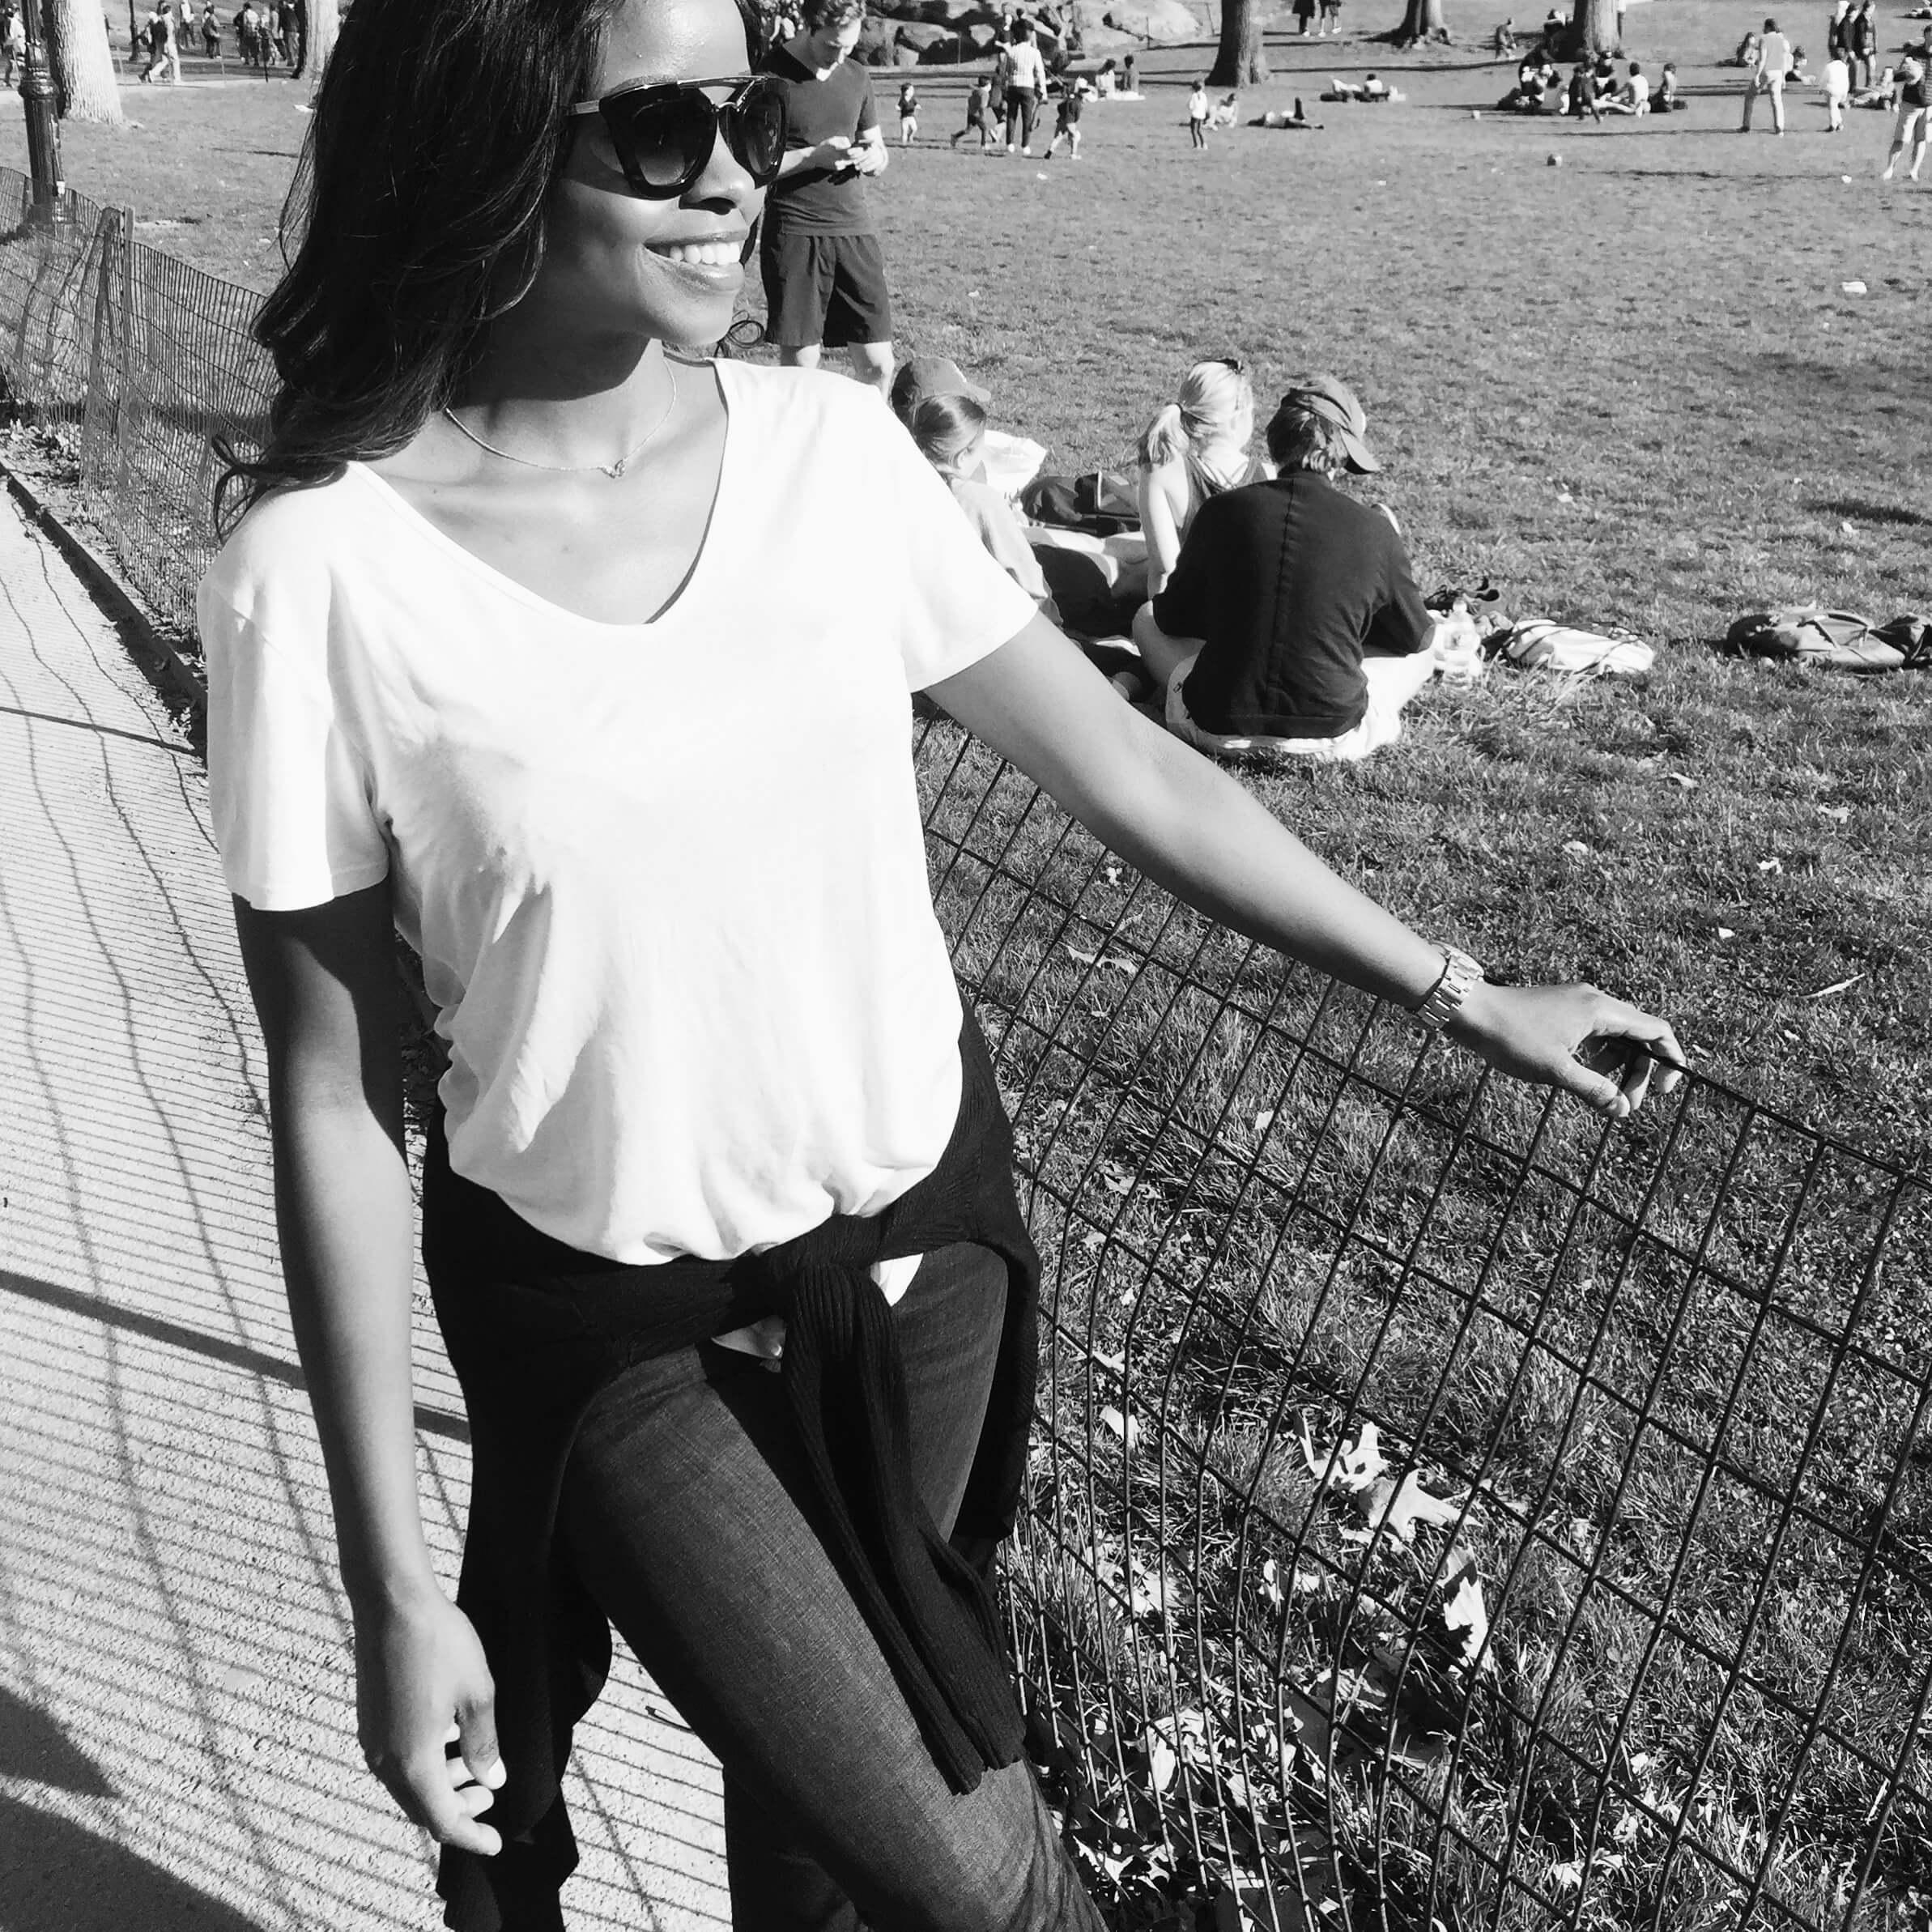 Central Park Sundays - For Raha and Lemons